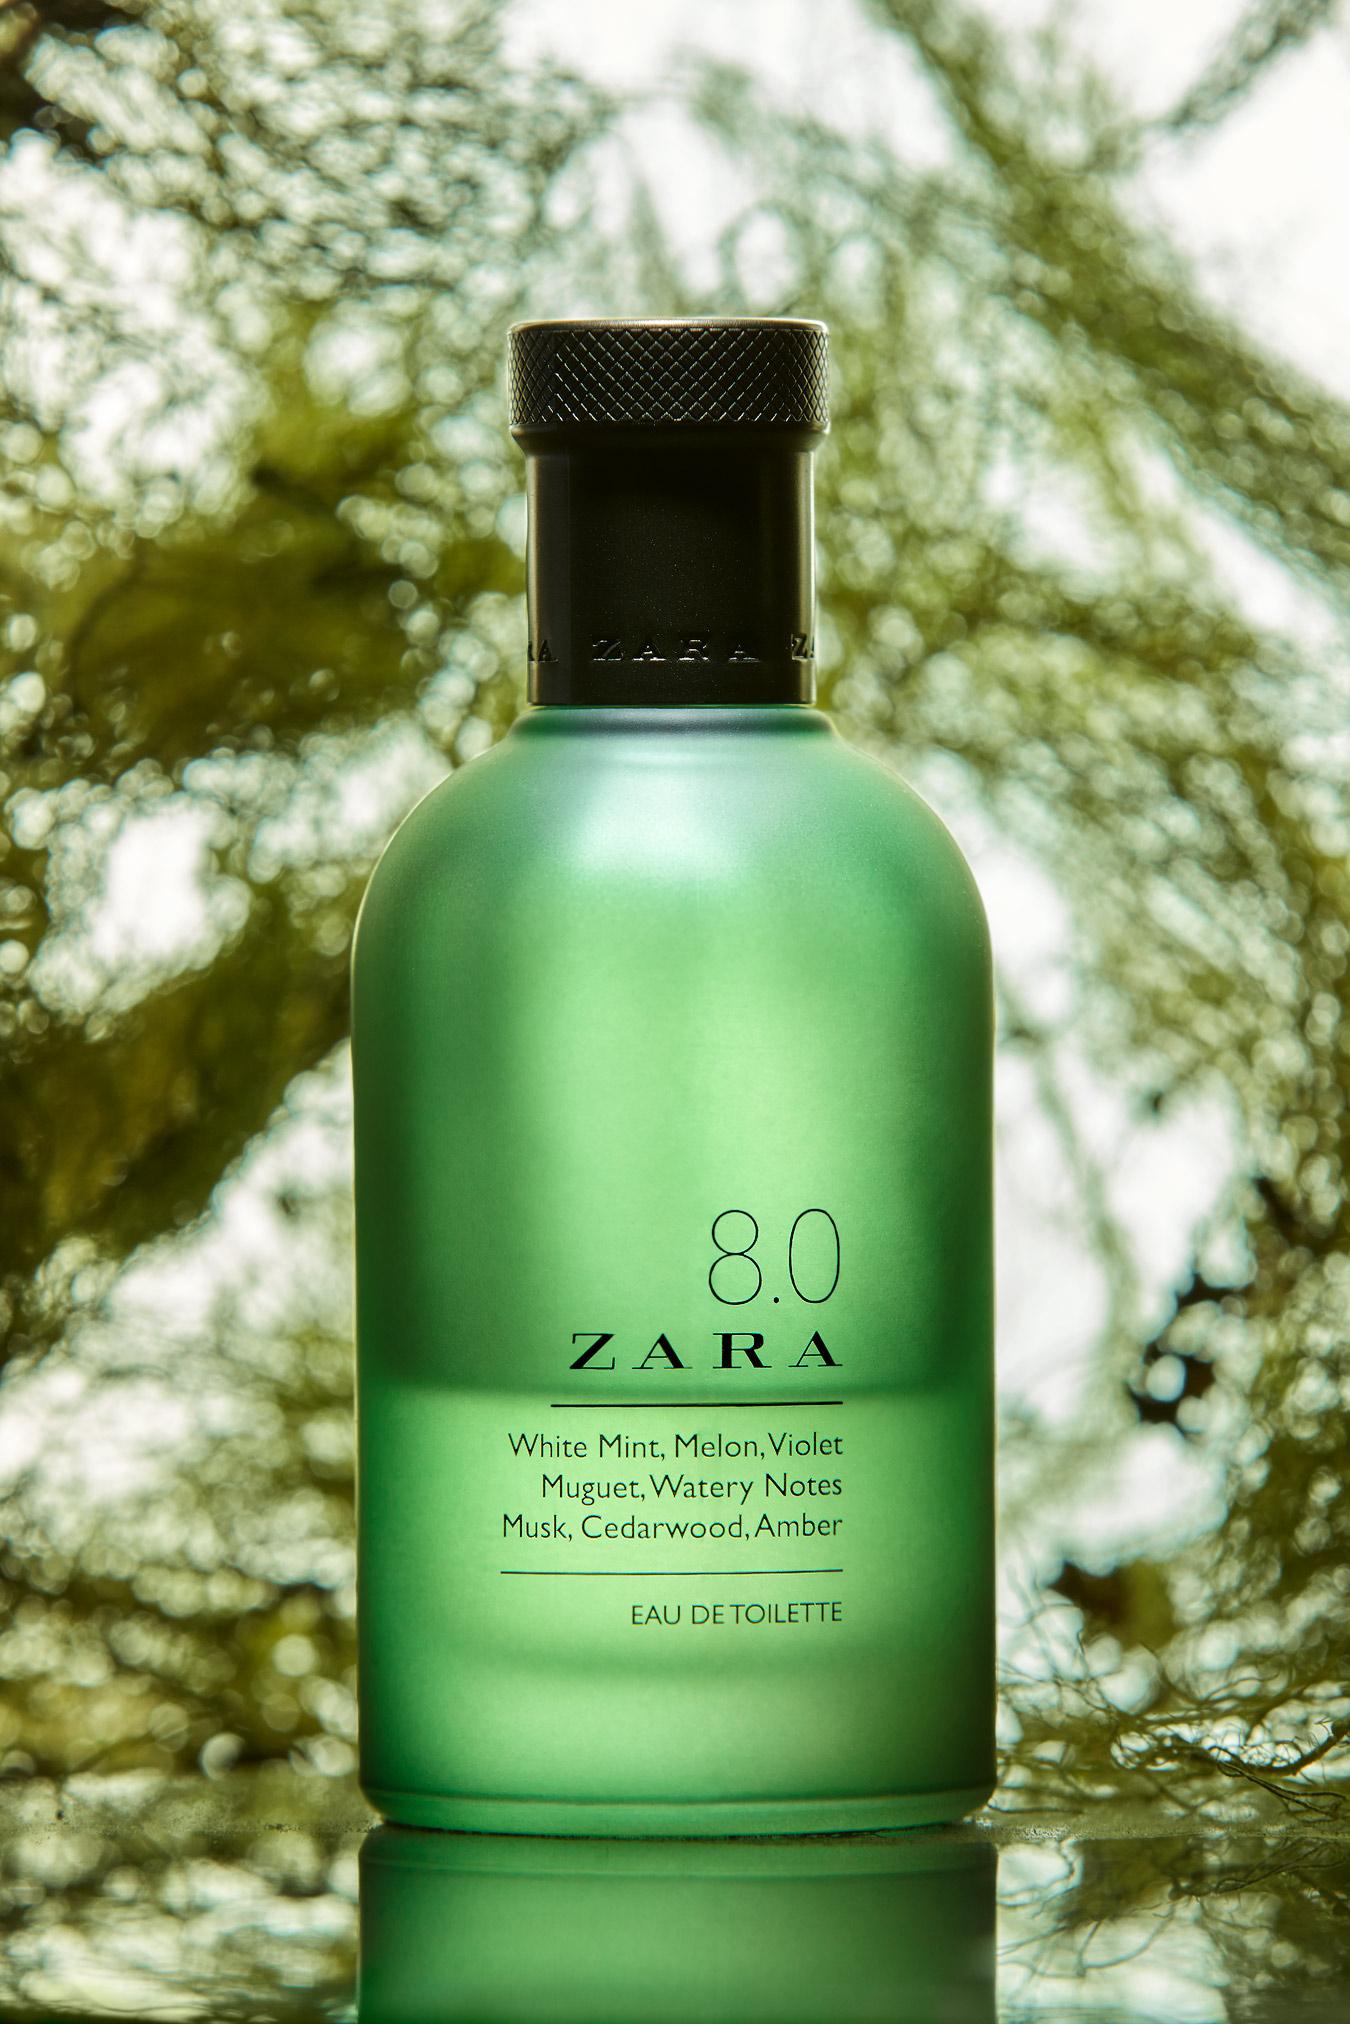 Zara 8.0